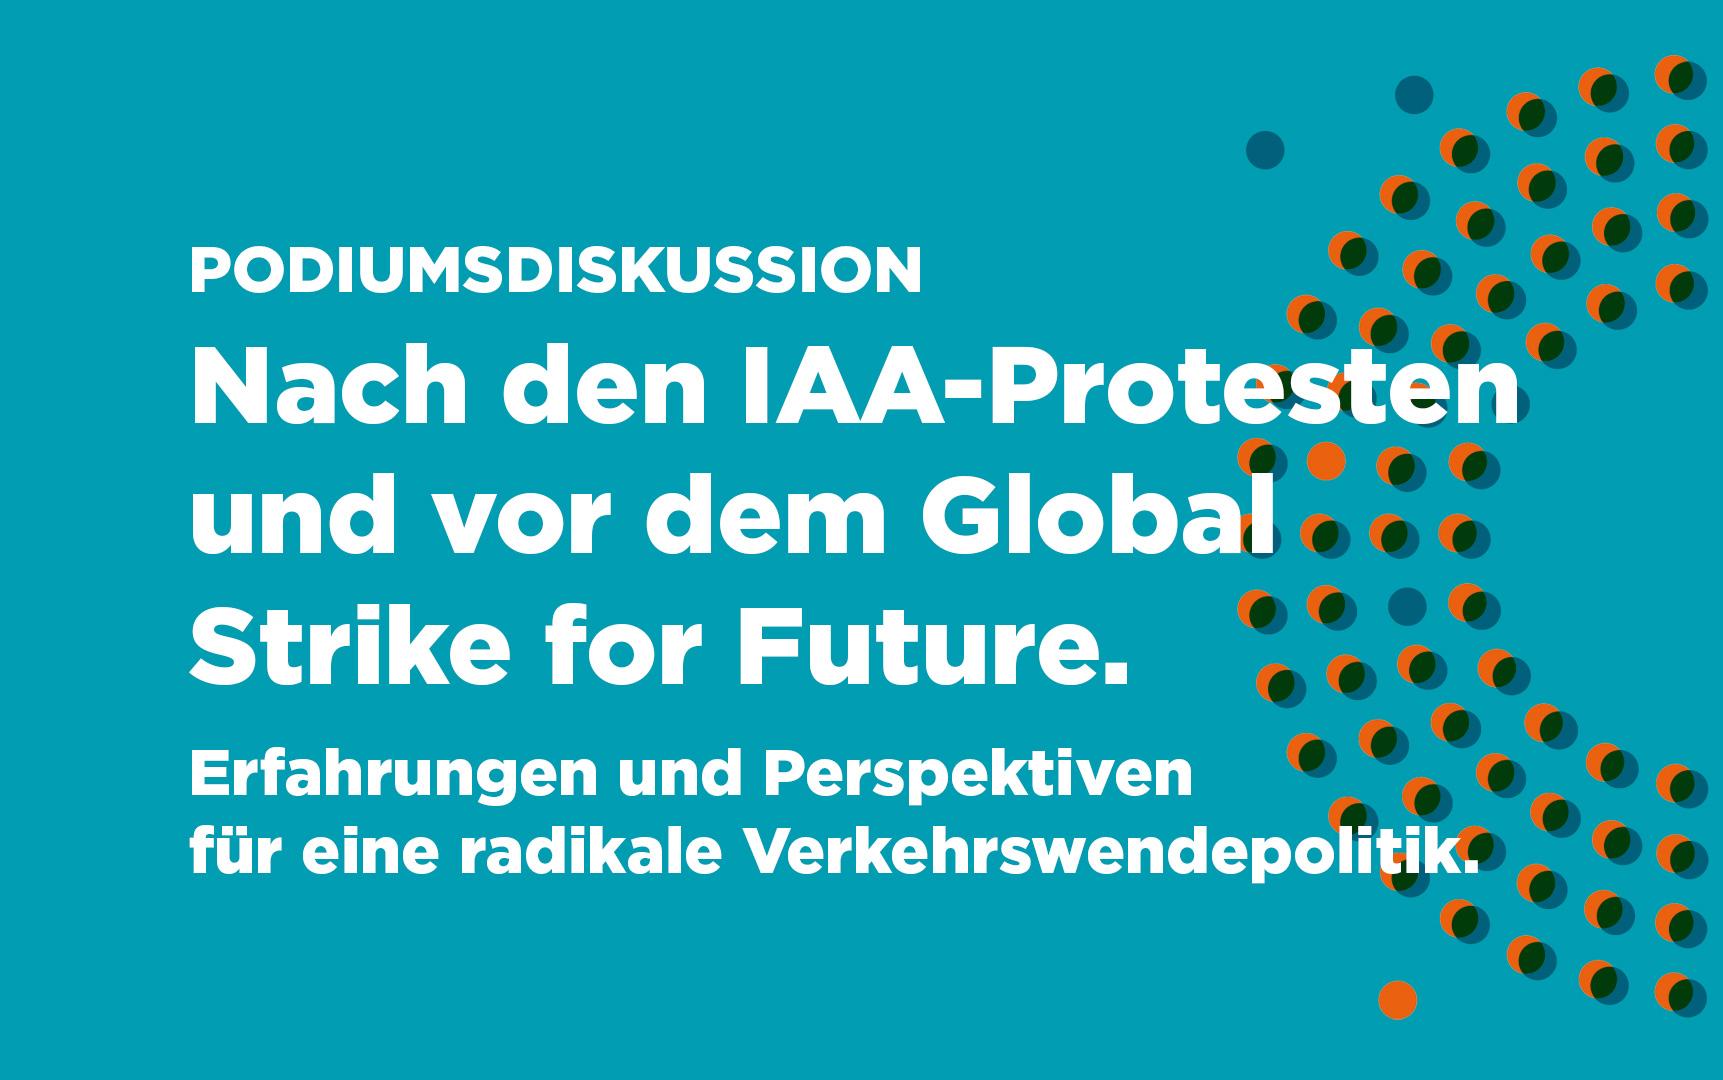 Nach den IAA-Protesten und vor dem Global Strike for Future